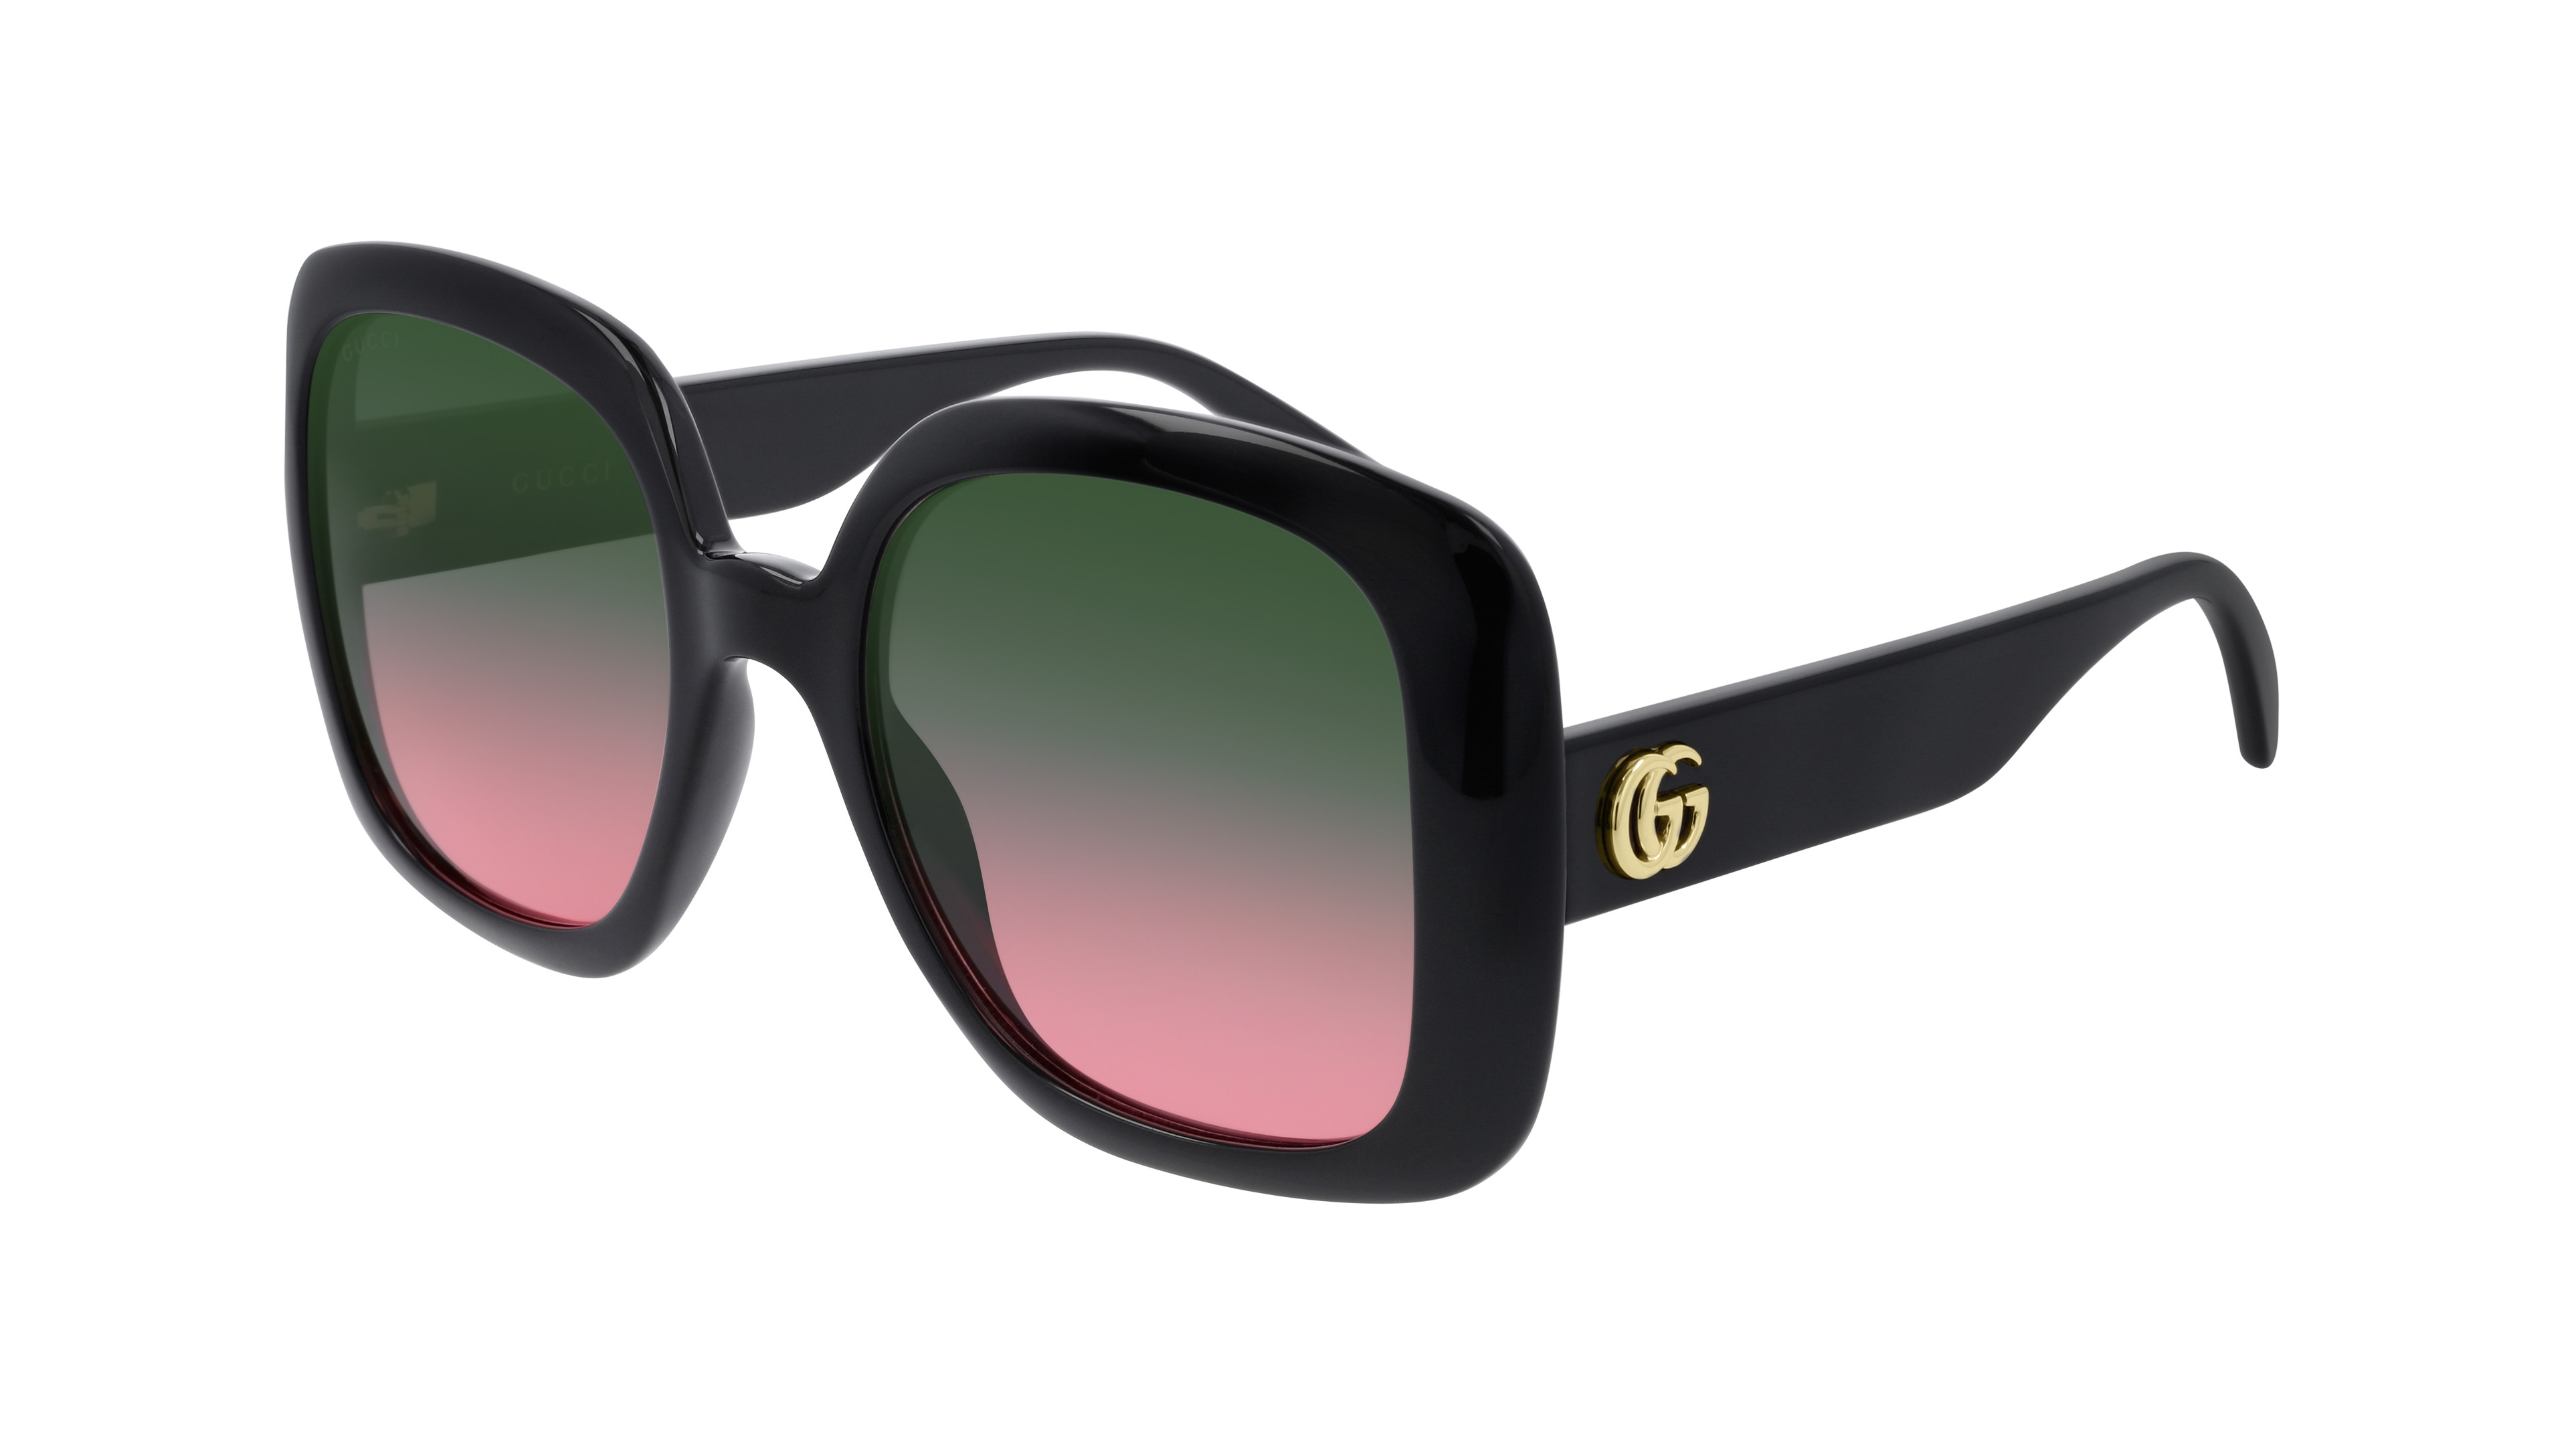 8056376322354-front-Gucci-sunglasses-GG0713S_002